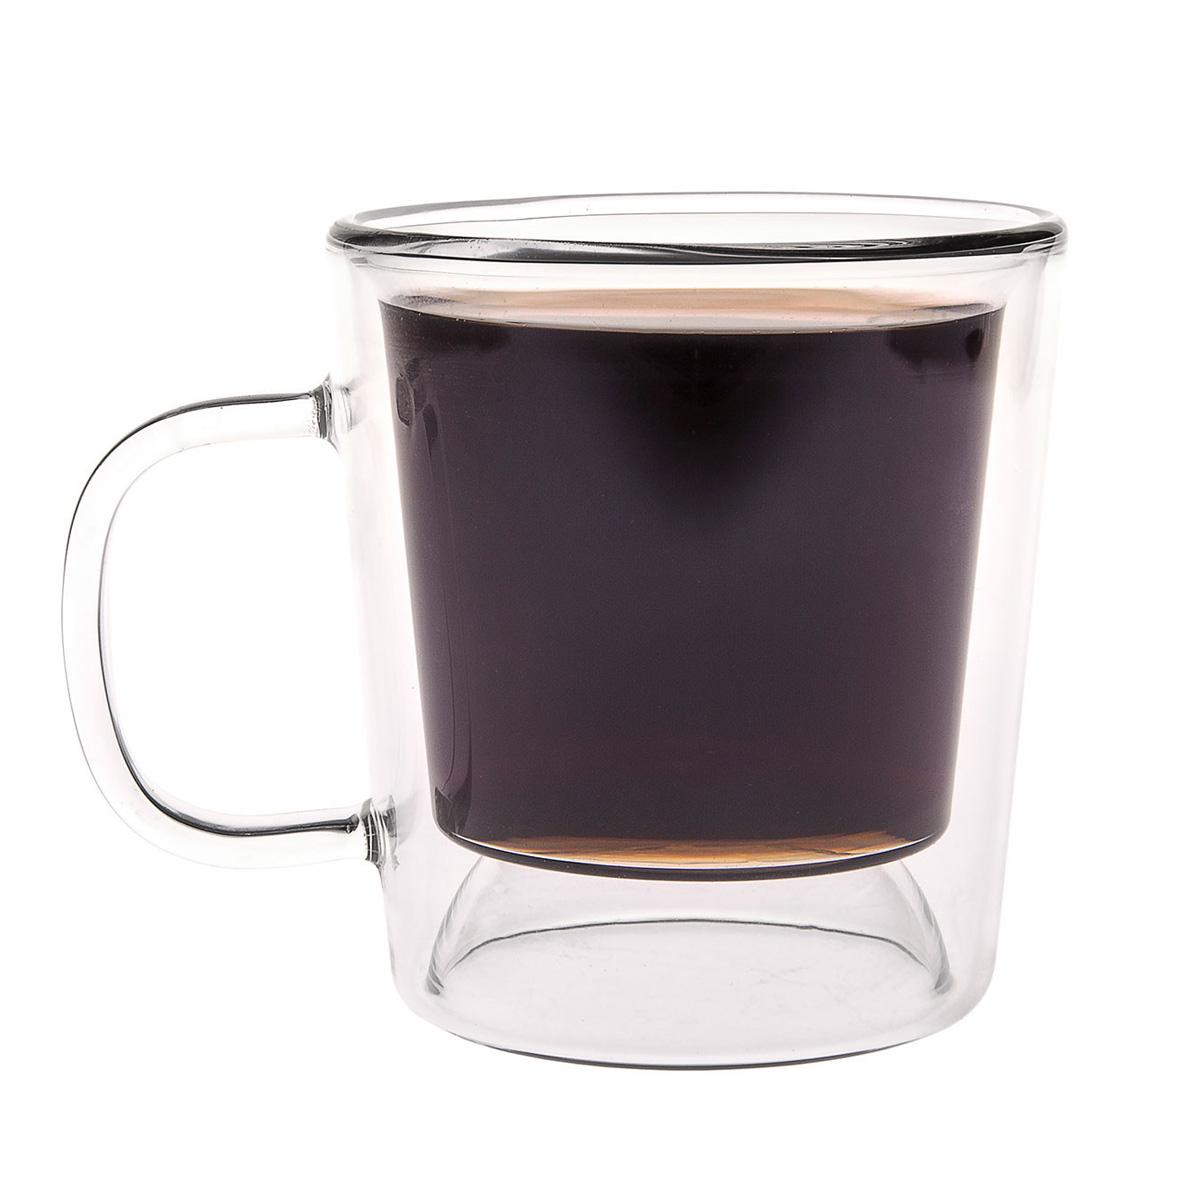 Gamago Espresso Or Cup Of Coffee Nogarlicnoonions Restaurant